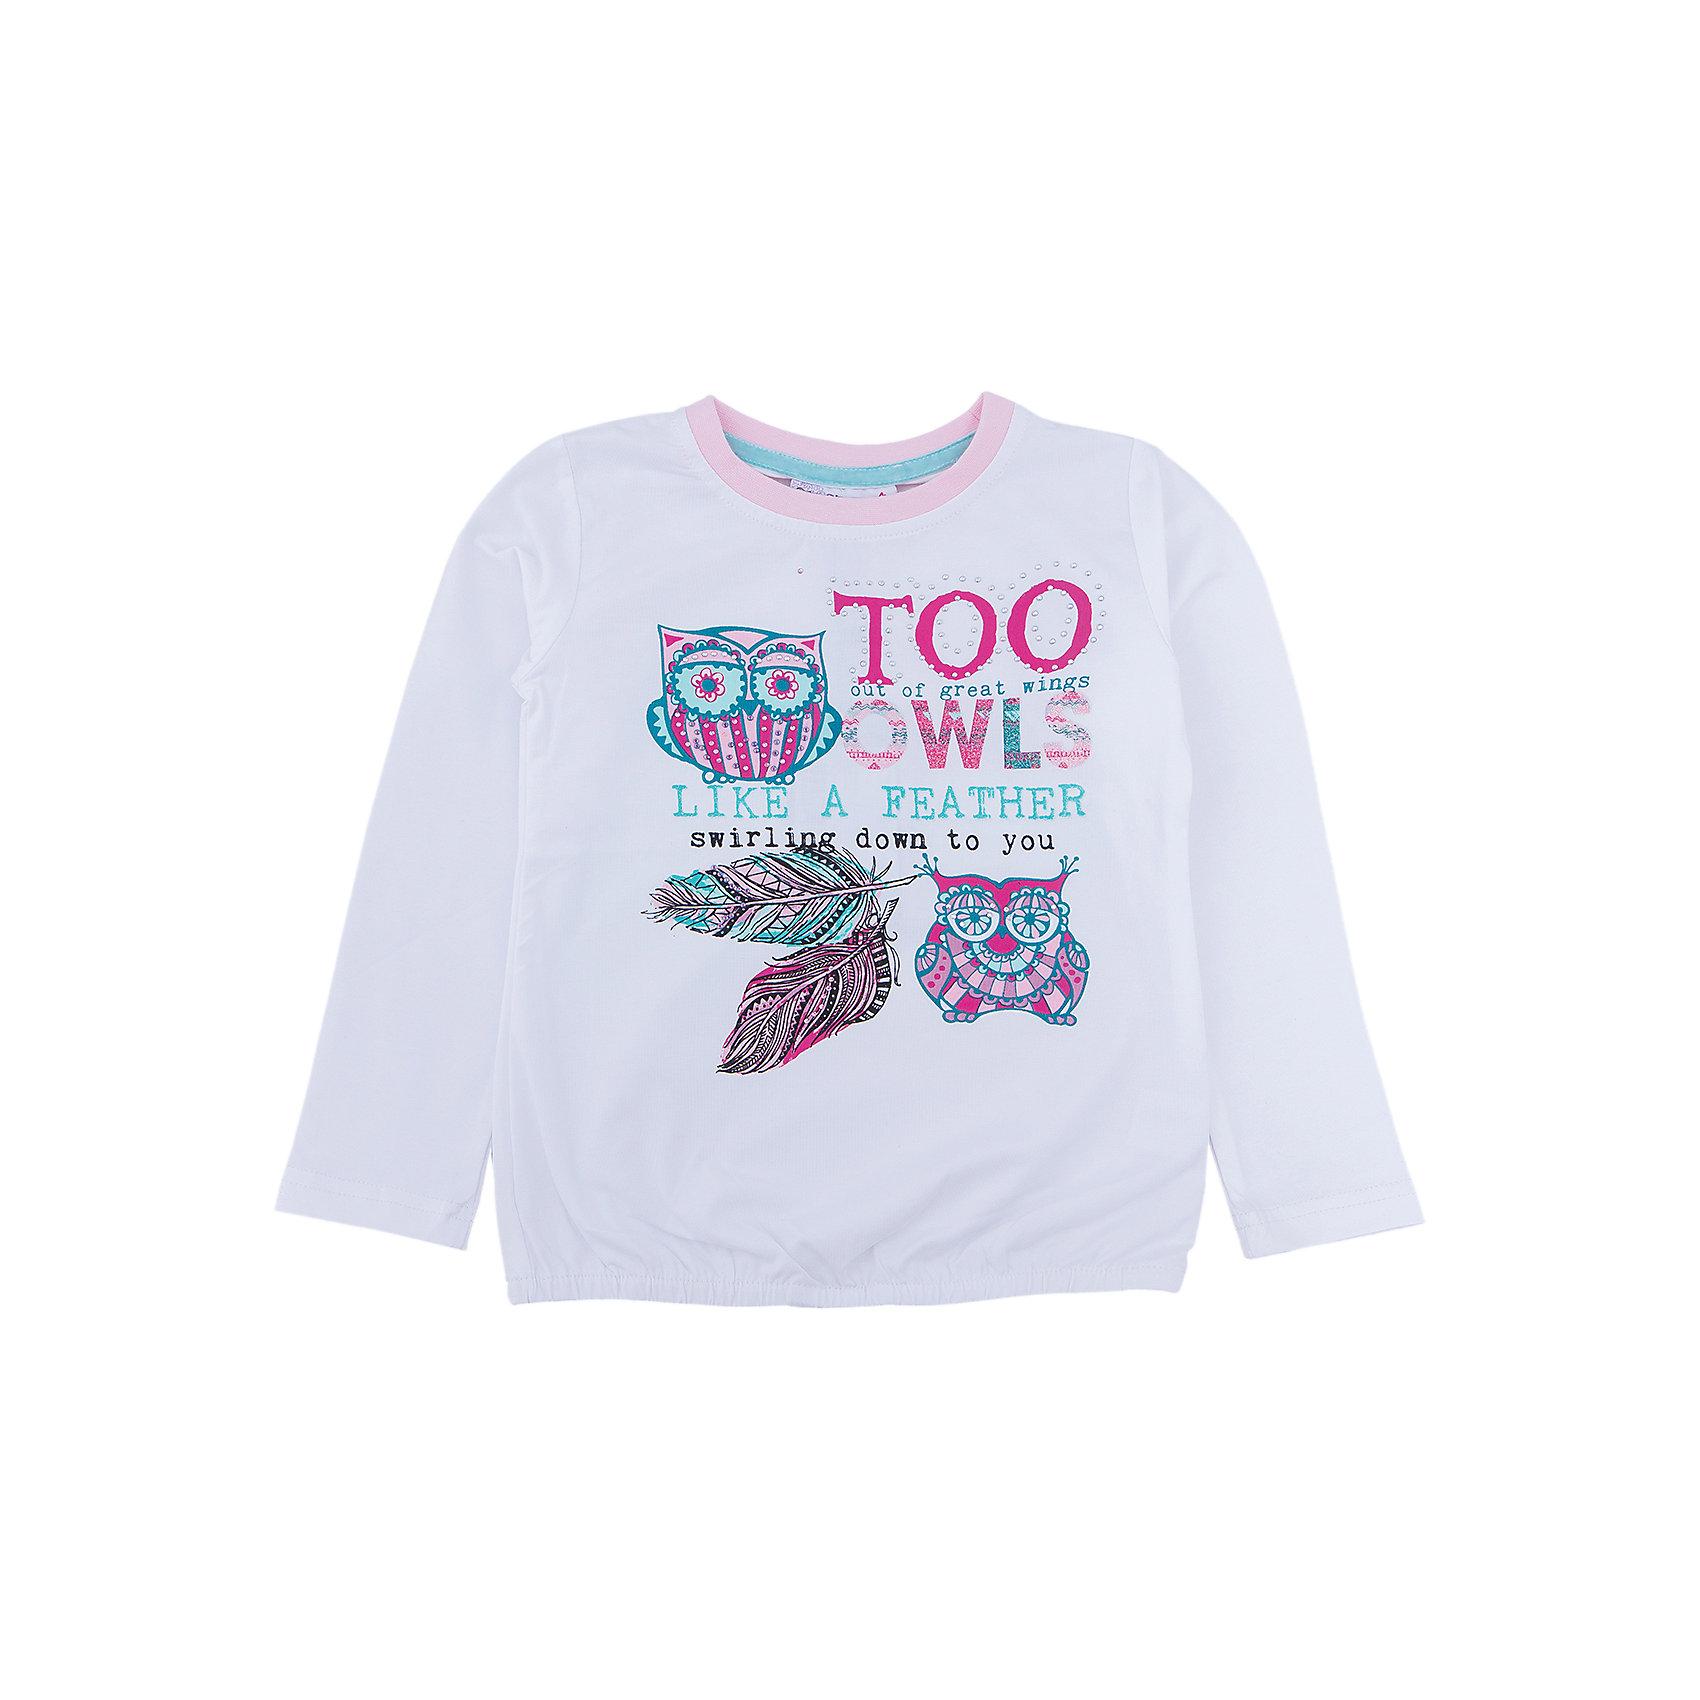 Футболка с длинным рукавом для девочки Sweet BerryФутболки с длинным рукавом<br>Такая футболка с длинным рукавом для девочки отличается модным дизайном с ярким принтом. Удачный крой обеспечит ребенку комфорт и тепло. Вещь плотно прилегает к телу там, где нужно, и отлично сидит по фигуре.<br>Одежда от бренда Sweet Berry - это простой и выгодный способ одеть ребенка удобно и стильно. Всё изделия тщательно проработаны: швы - прочные, материал - качественный, фурнитура - подобранная специально для детей. <br><br>Дополнительная информация:<br><br>цвет: белый;<br>материал: 95% хлопок, 5% эластан;<br>декорирована принтом.<br><br>Футболку с длинным рукавом для девочки от бренда Sweet Berry можно купить в нашем интернет-магазине.<br><br>Ширина мм: 230<br>Глубина мм: 40<br>Высота мм: 220<br>Вес г: 250<br>Цвет: белый<br>Возраст от месяцев: 24<br>Возраст до месяцев: 36<br>Пол: Женский<br>Возраст: Детский<br>Размер: 98,104,110,116,122,128<br>SKU: 4931637